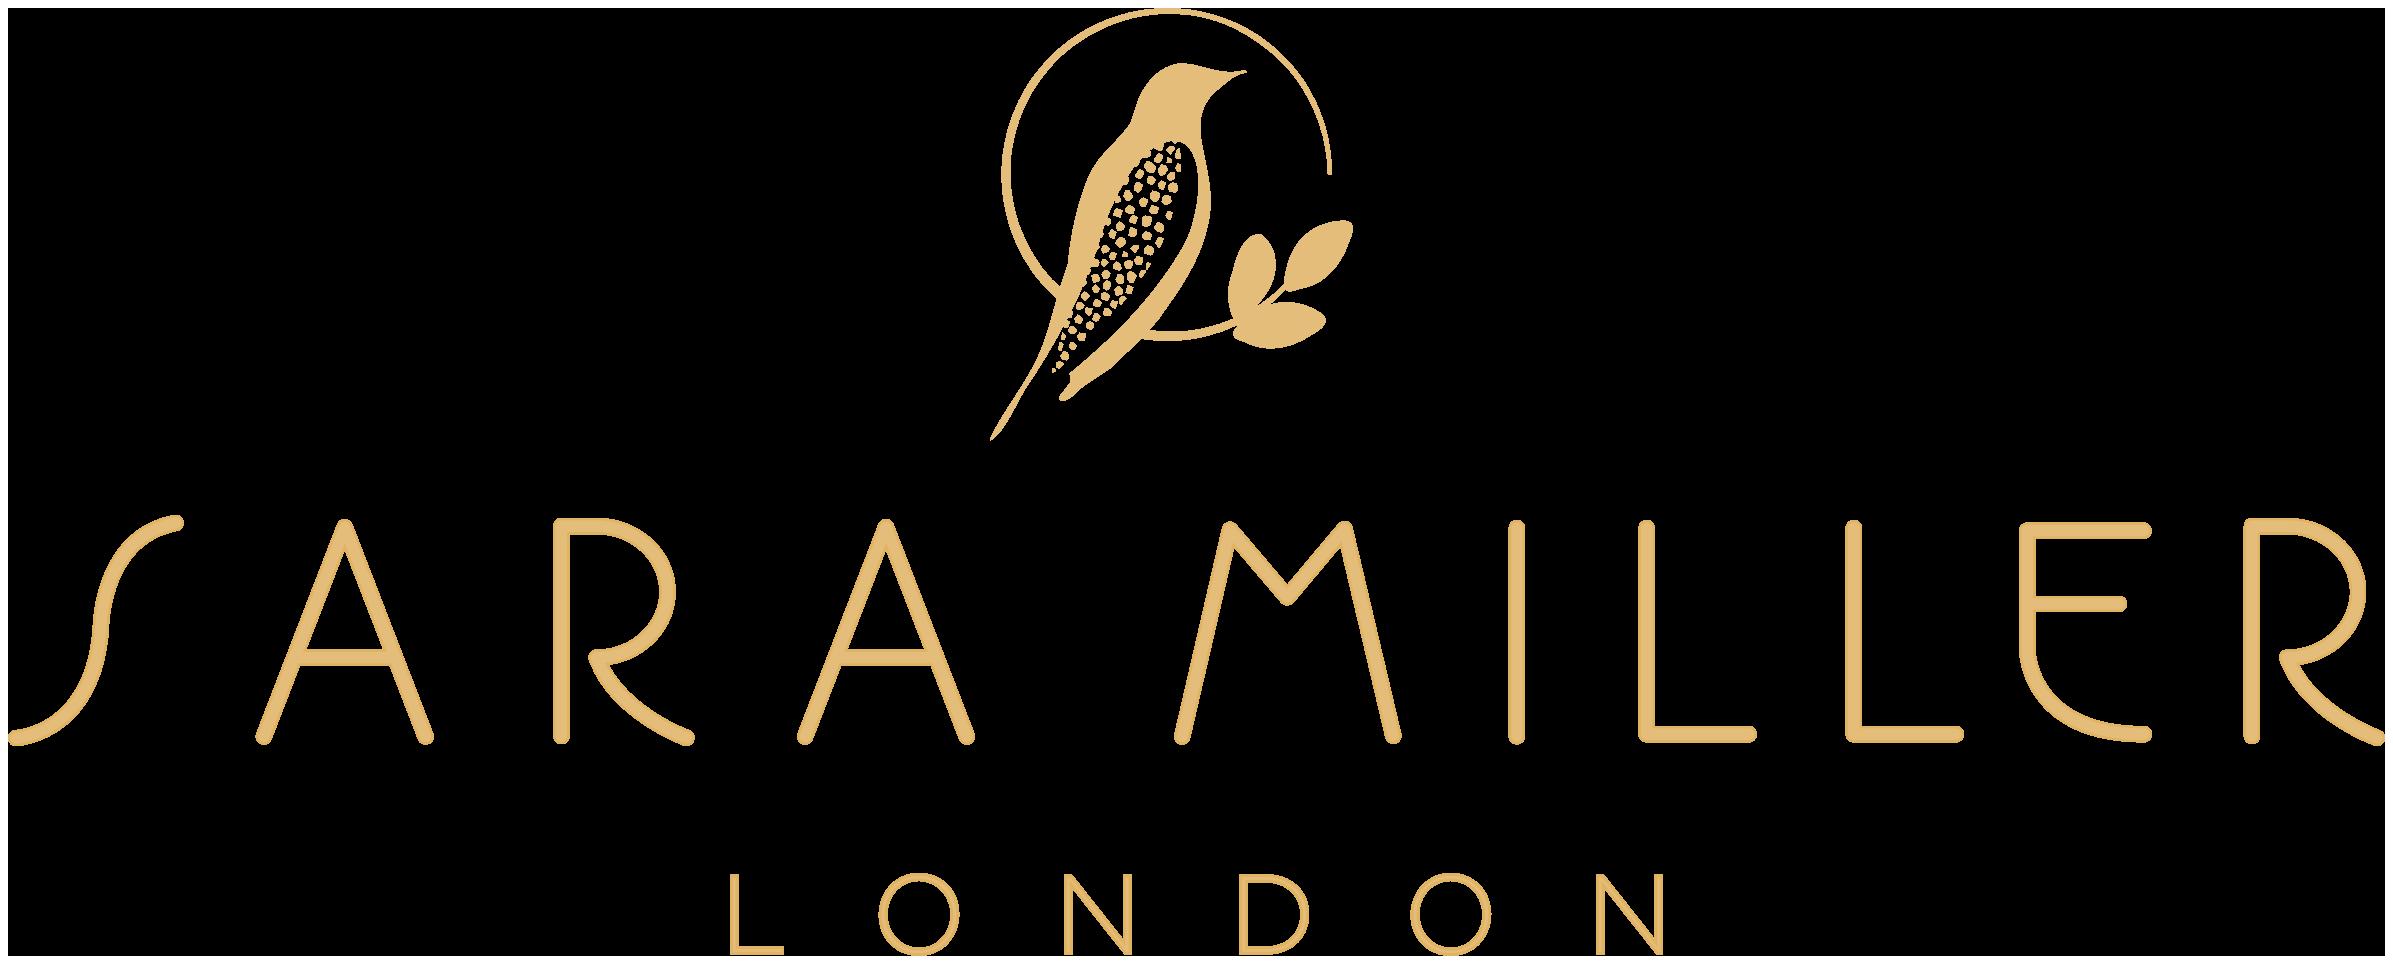 Sara Miller London